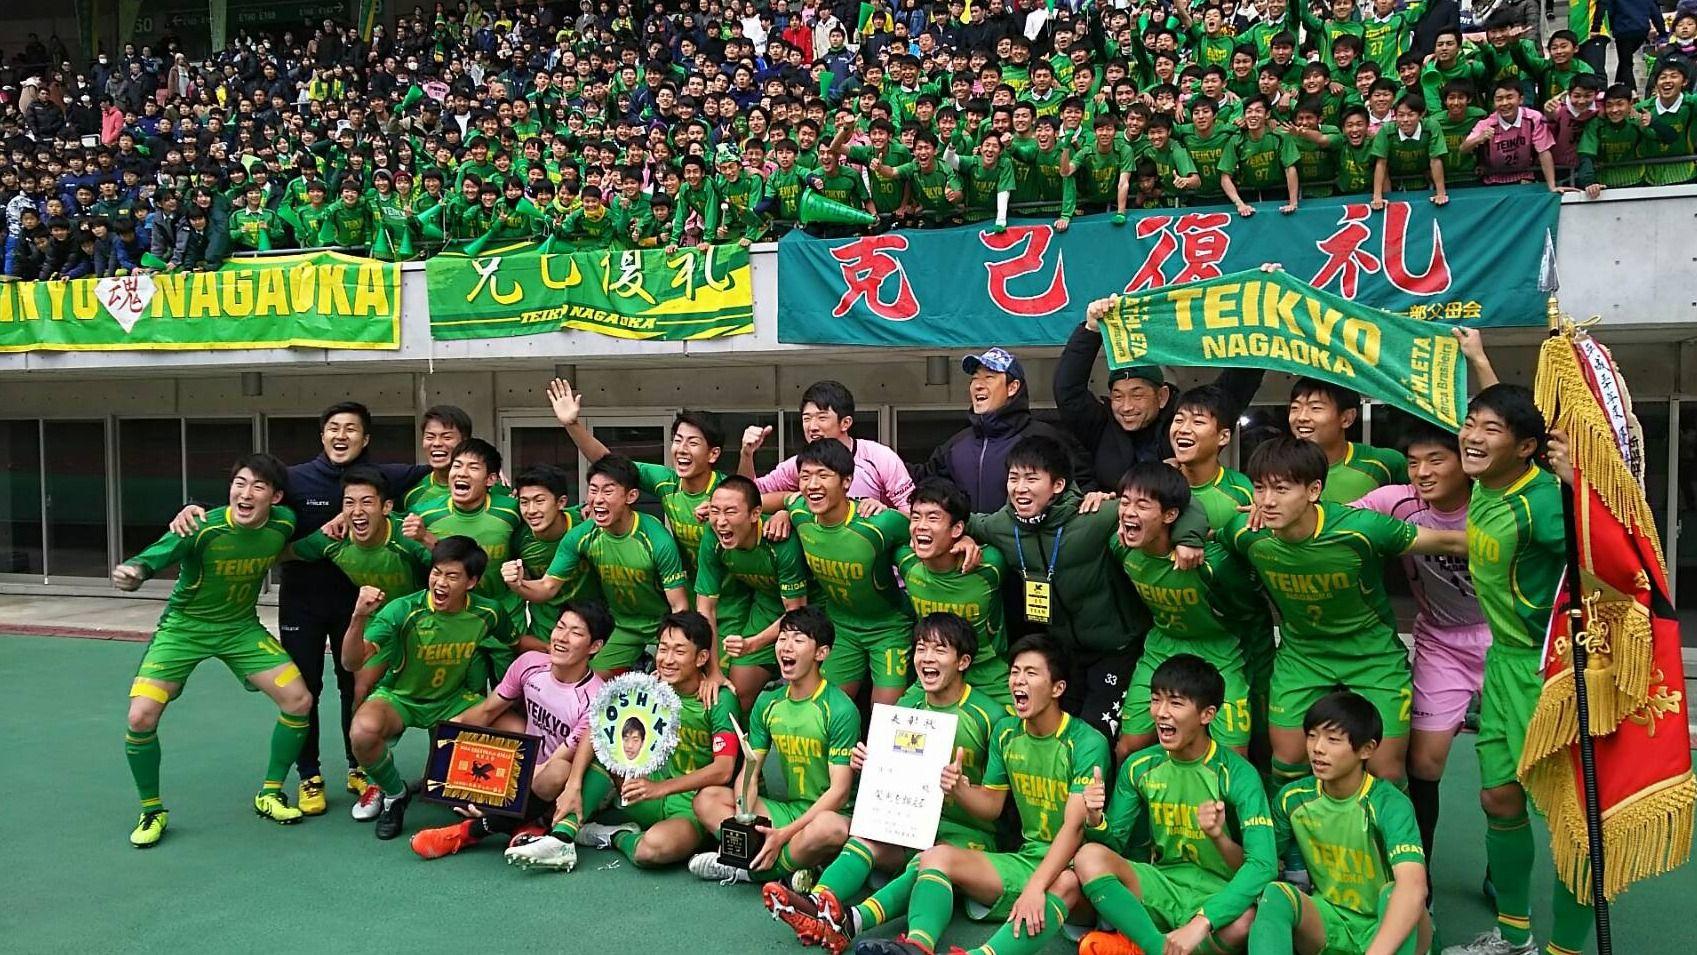 帝京 長岡 サッカー 部